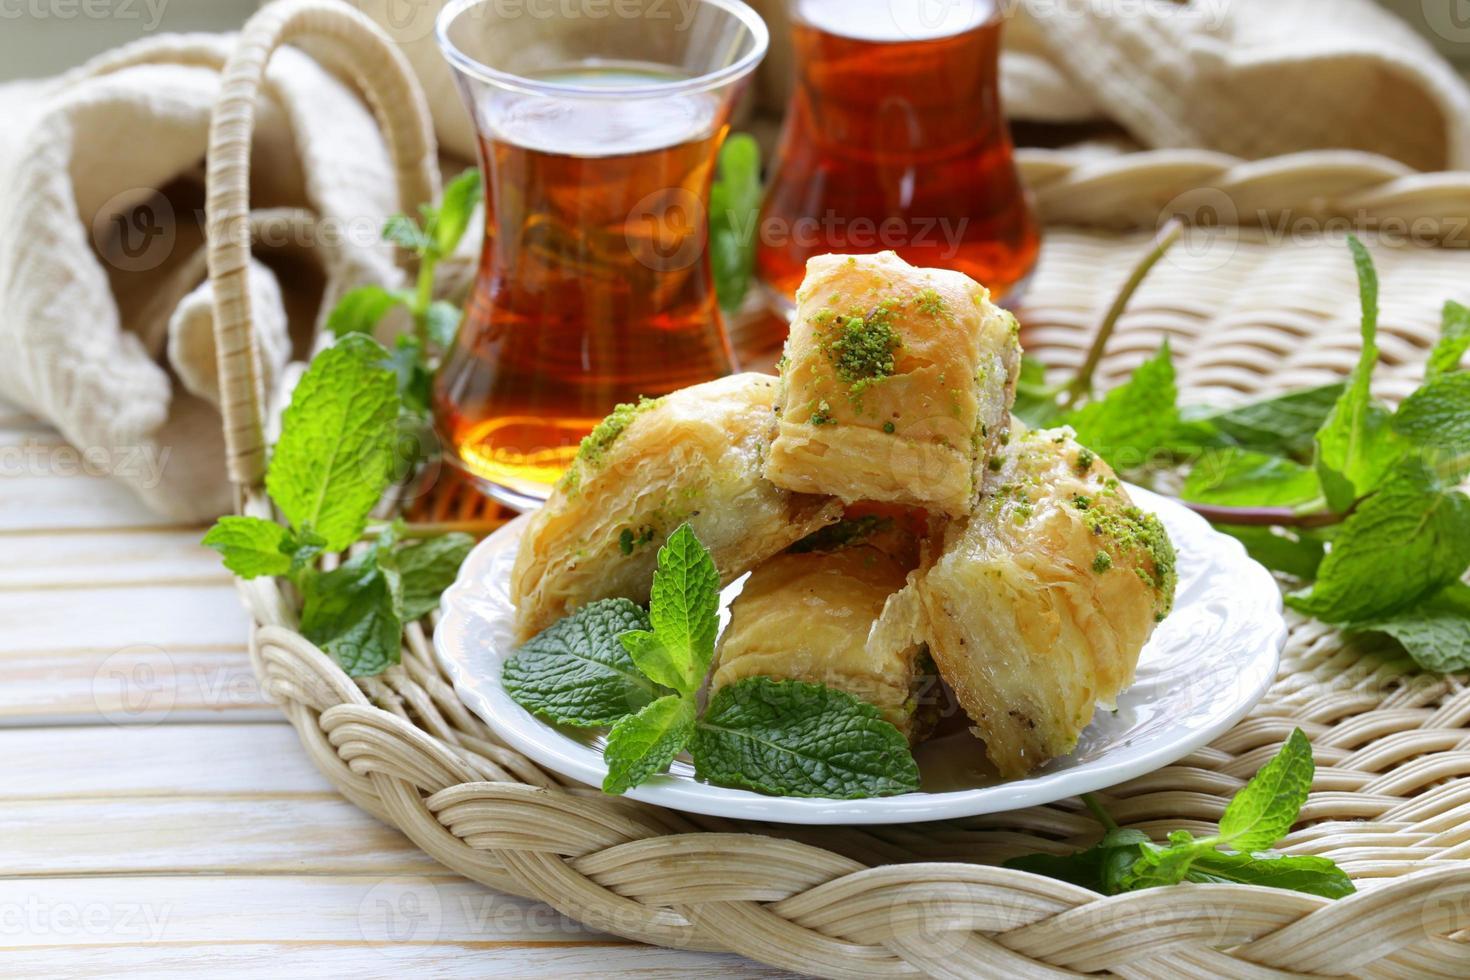 dolce arabo turco tradizionale - baklava con miele e pistacchi foto